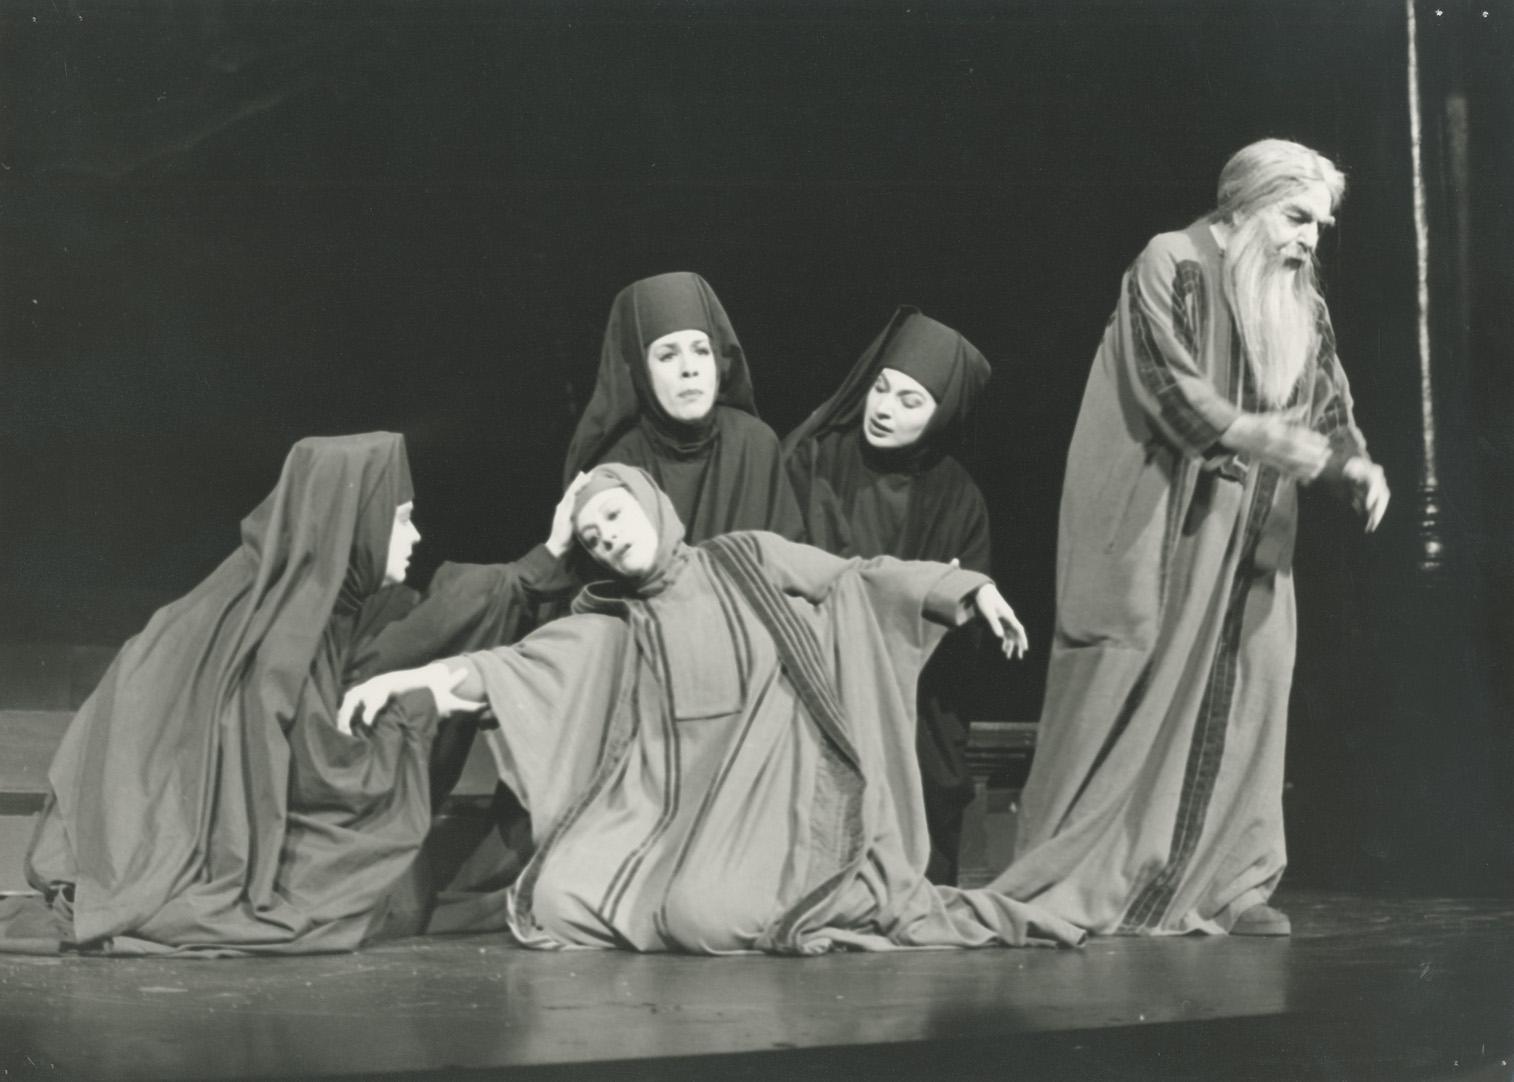 Πέννυ Σταυροπούλου (Άντα), Όλγα Τουρνάκη (Σάρρα), Νίκη Τουλουπάκη (Ταμάρ), Ελένη Τζώρτζη (Βοηθός), Αλέξης Μινωτής (Αβραάμ)